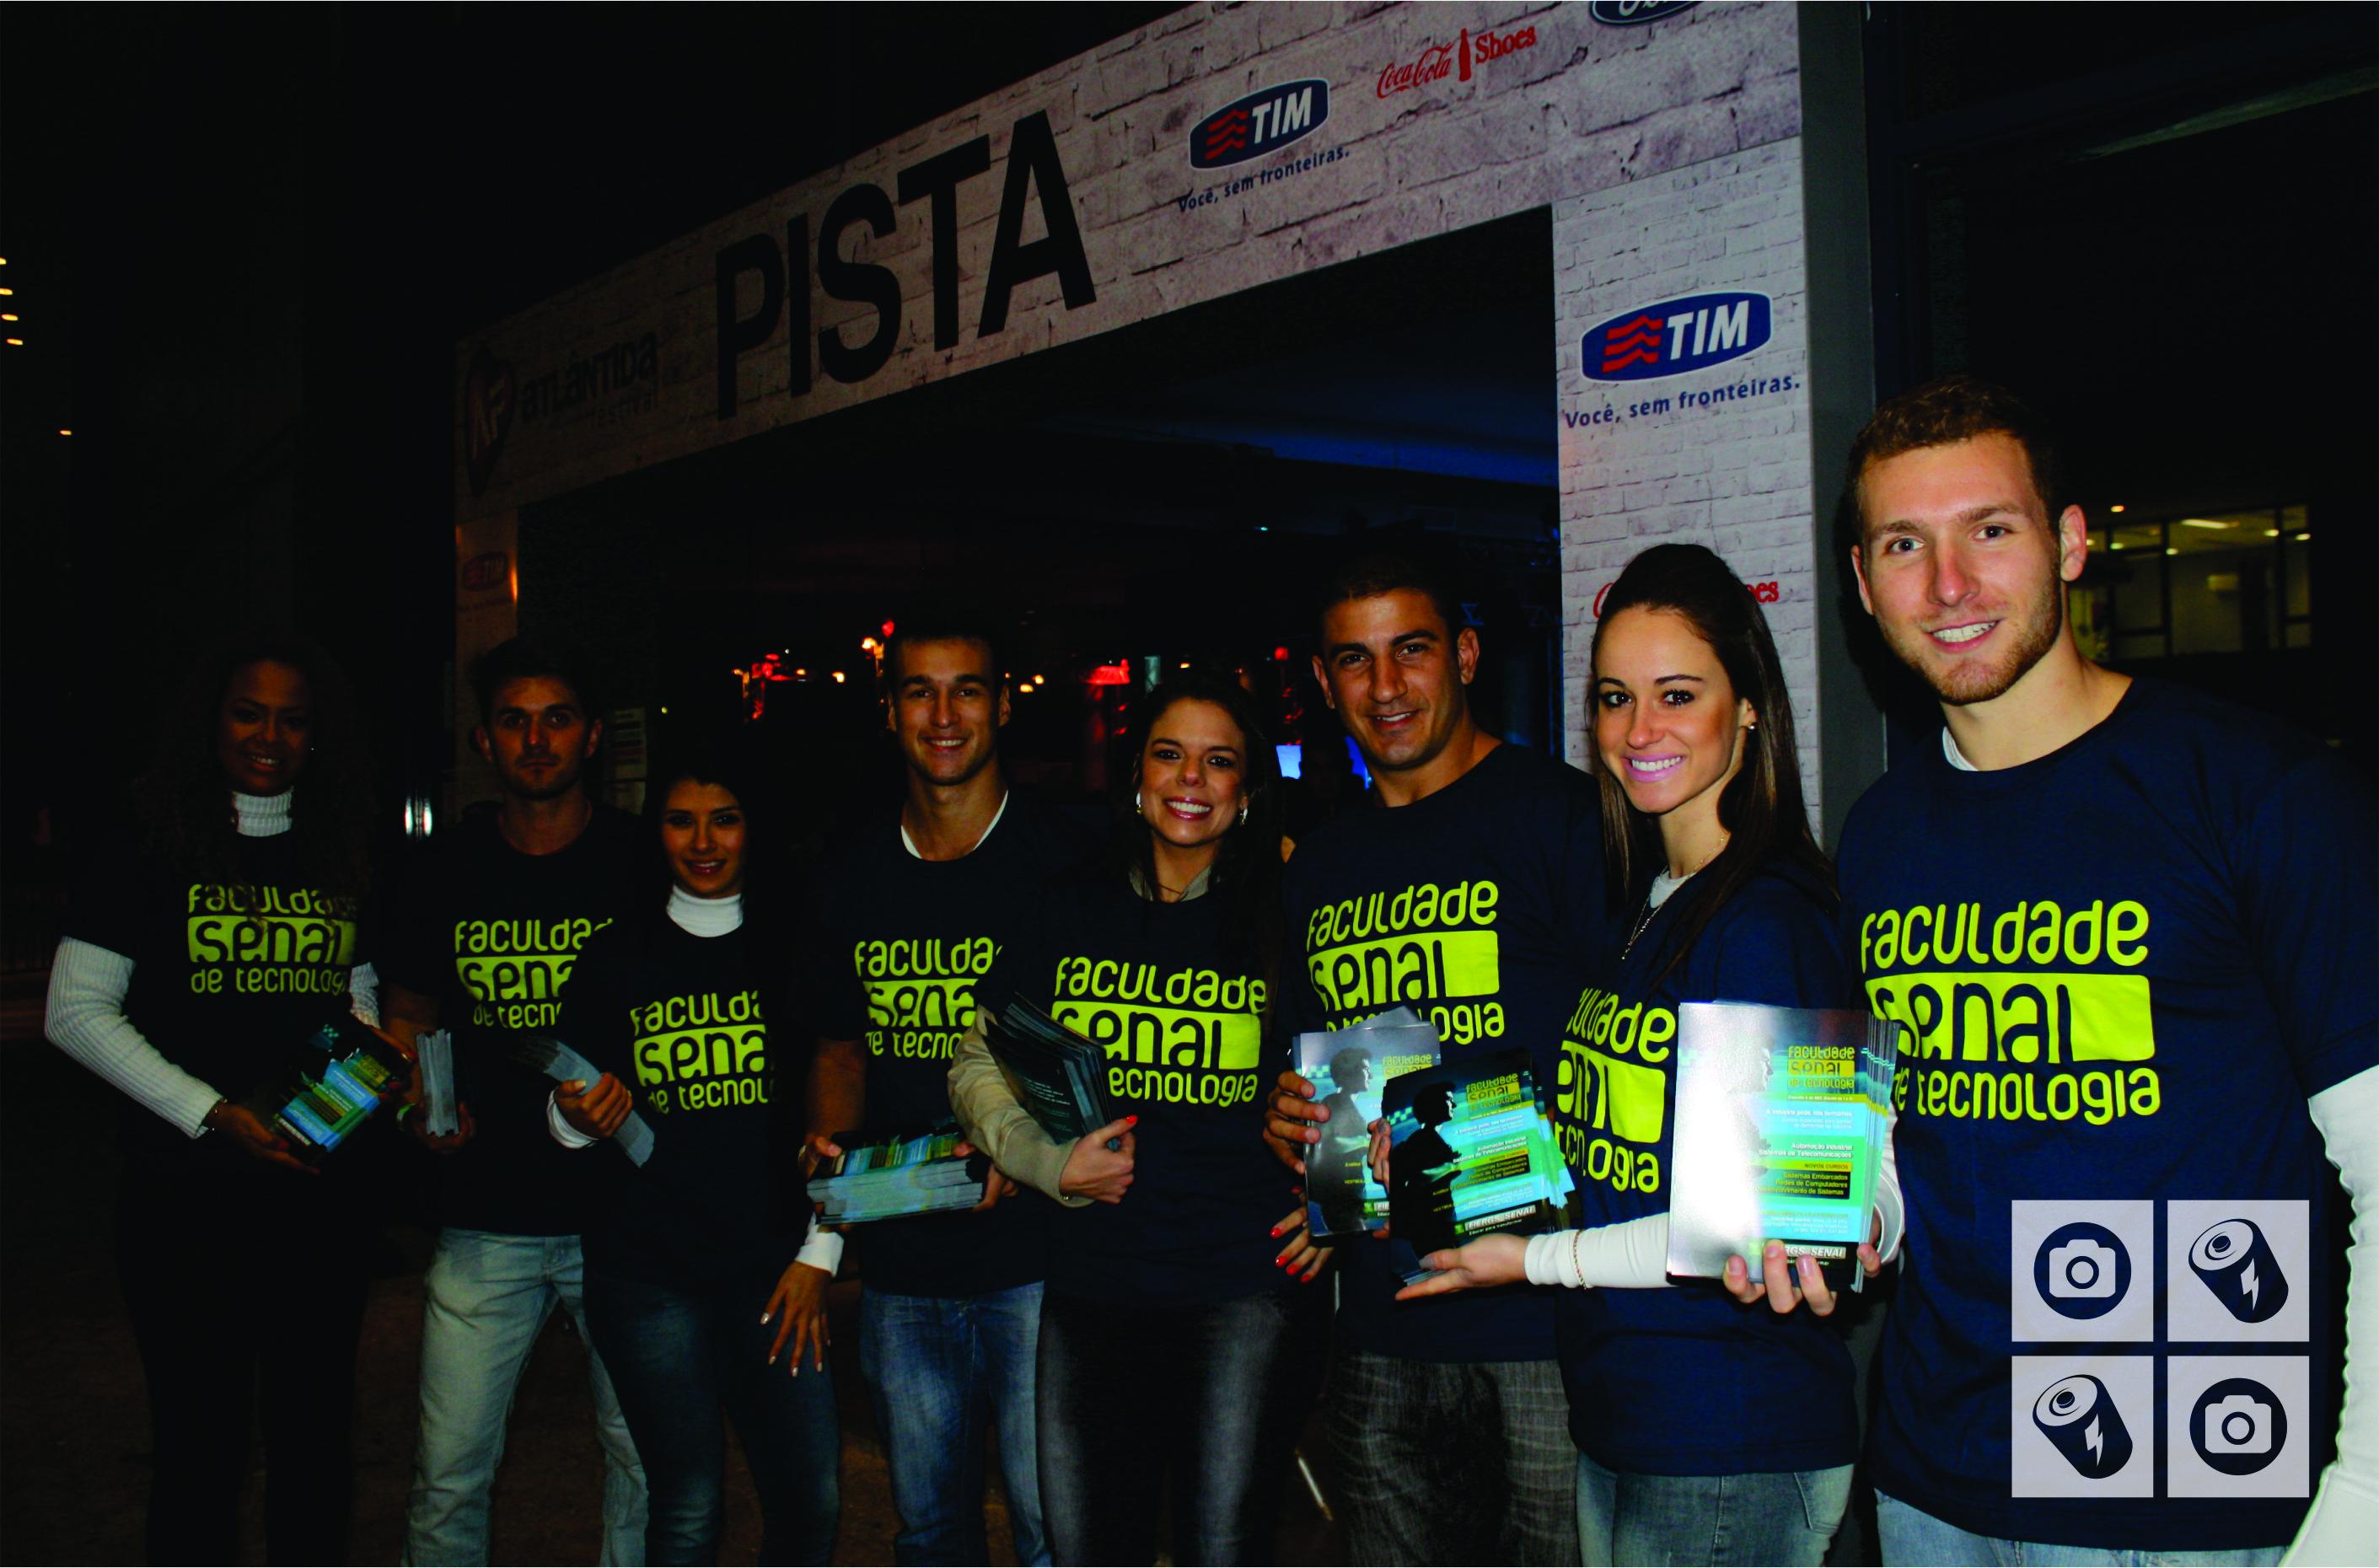 ATLÂNTIDA FESTIVAL | FAC. SENAI